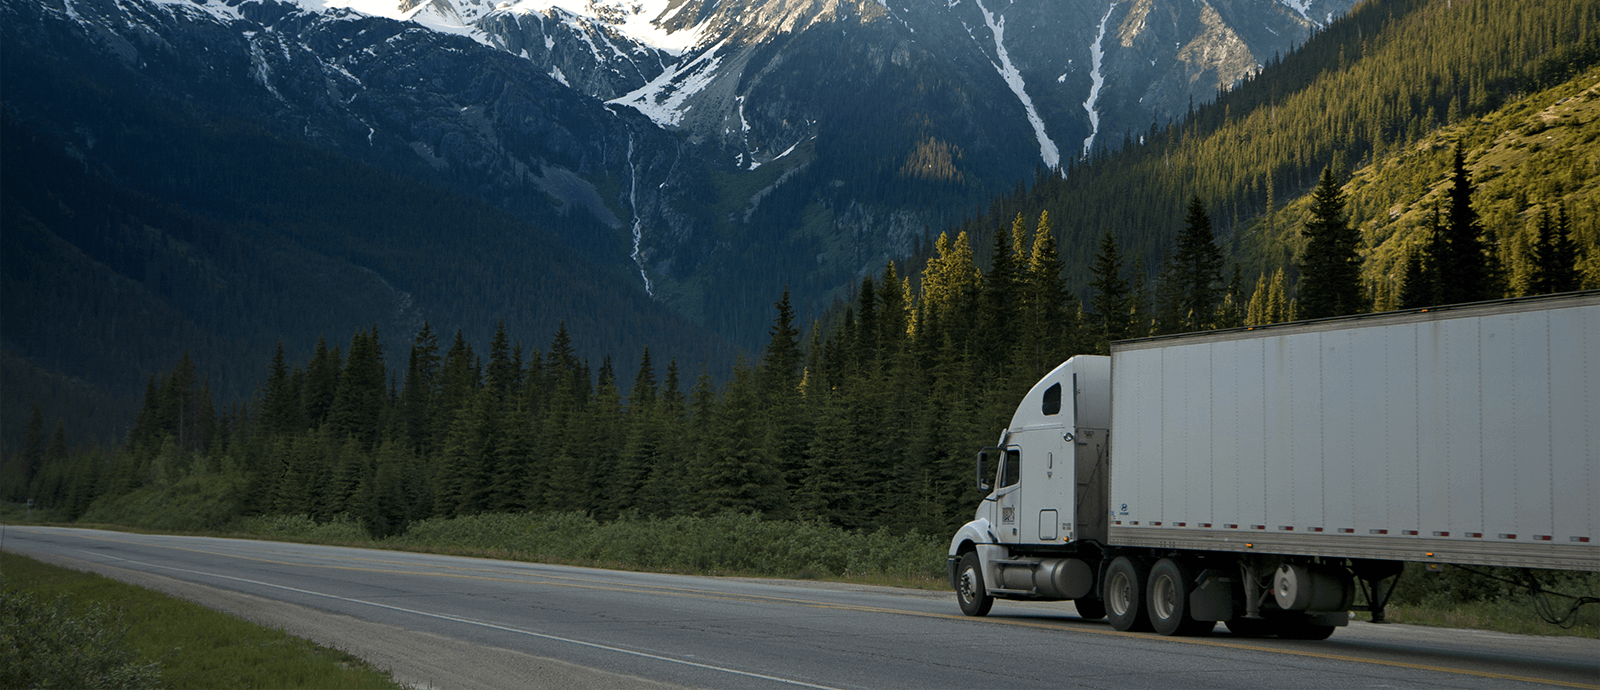 перевозка грузов автотранспортом по РФ